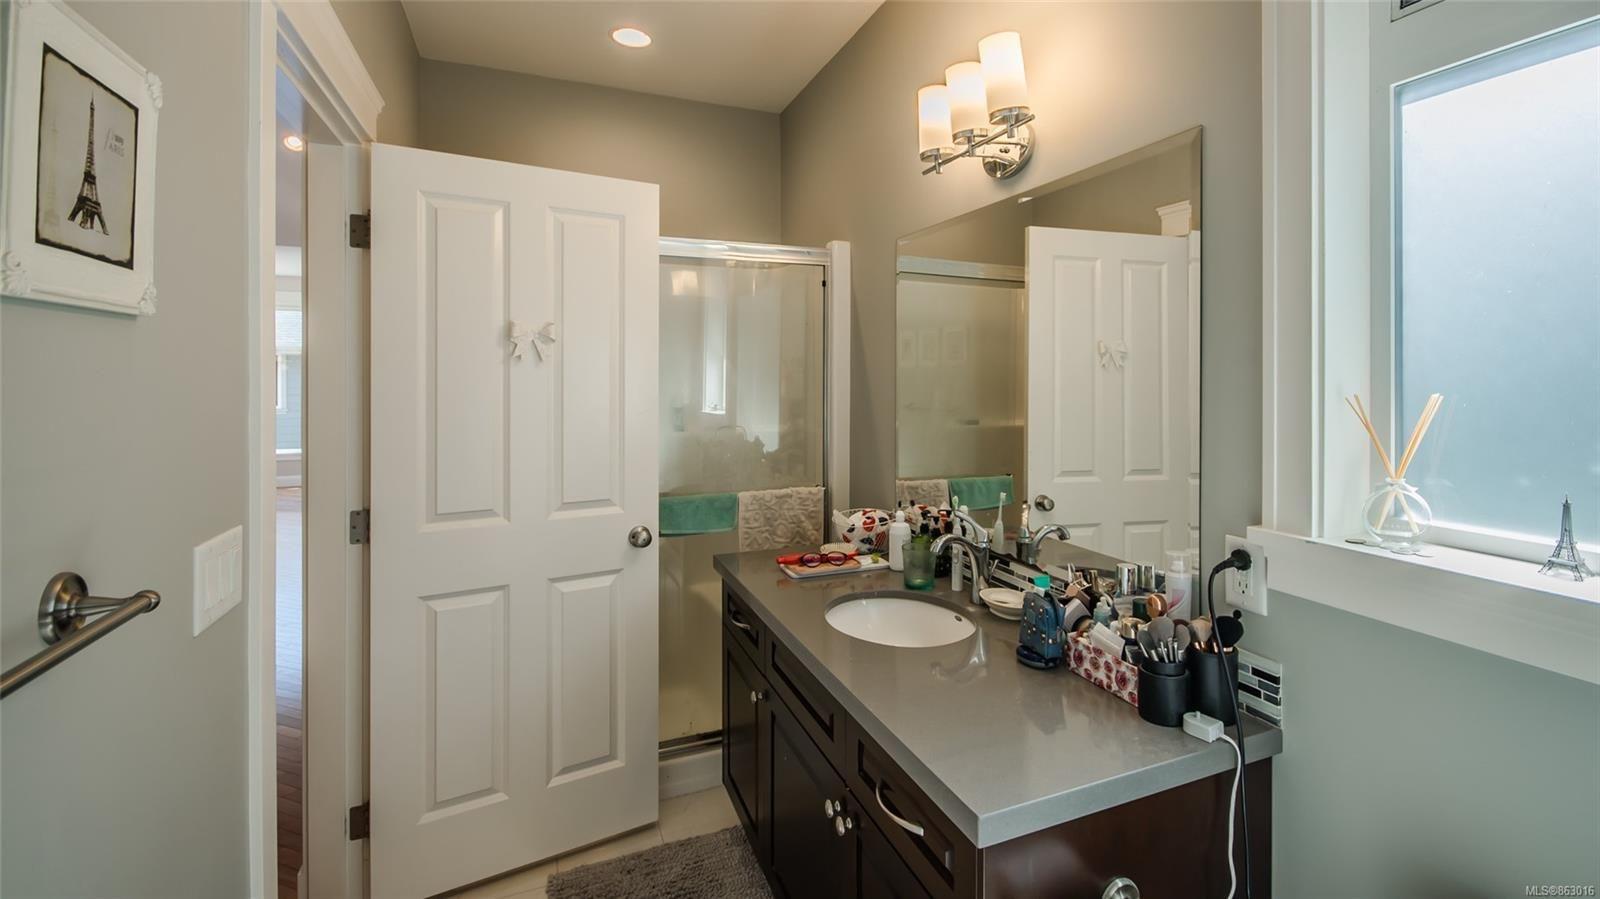 Photo 22: Photos: 5361 Laguna Way in : Na North Nanaimo House for sale (Nanaimo)  : MLS®# 863016